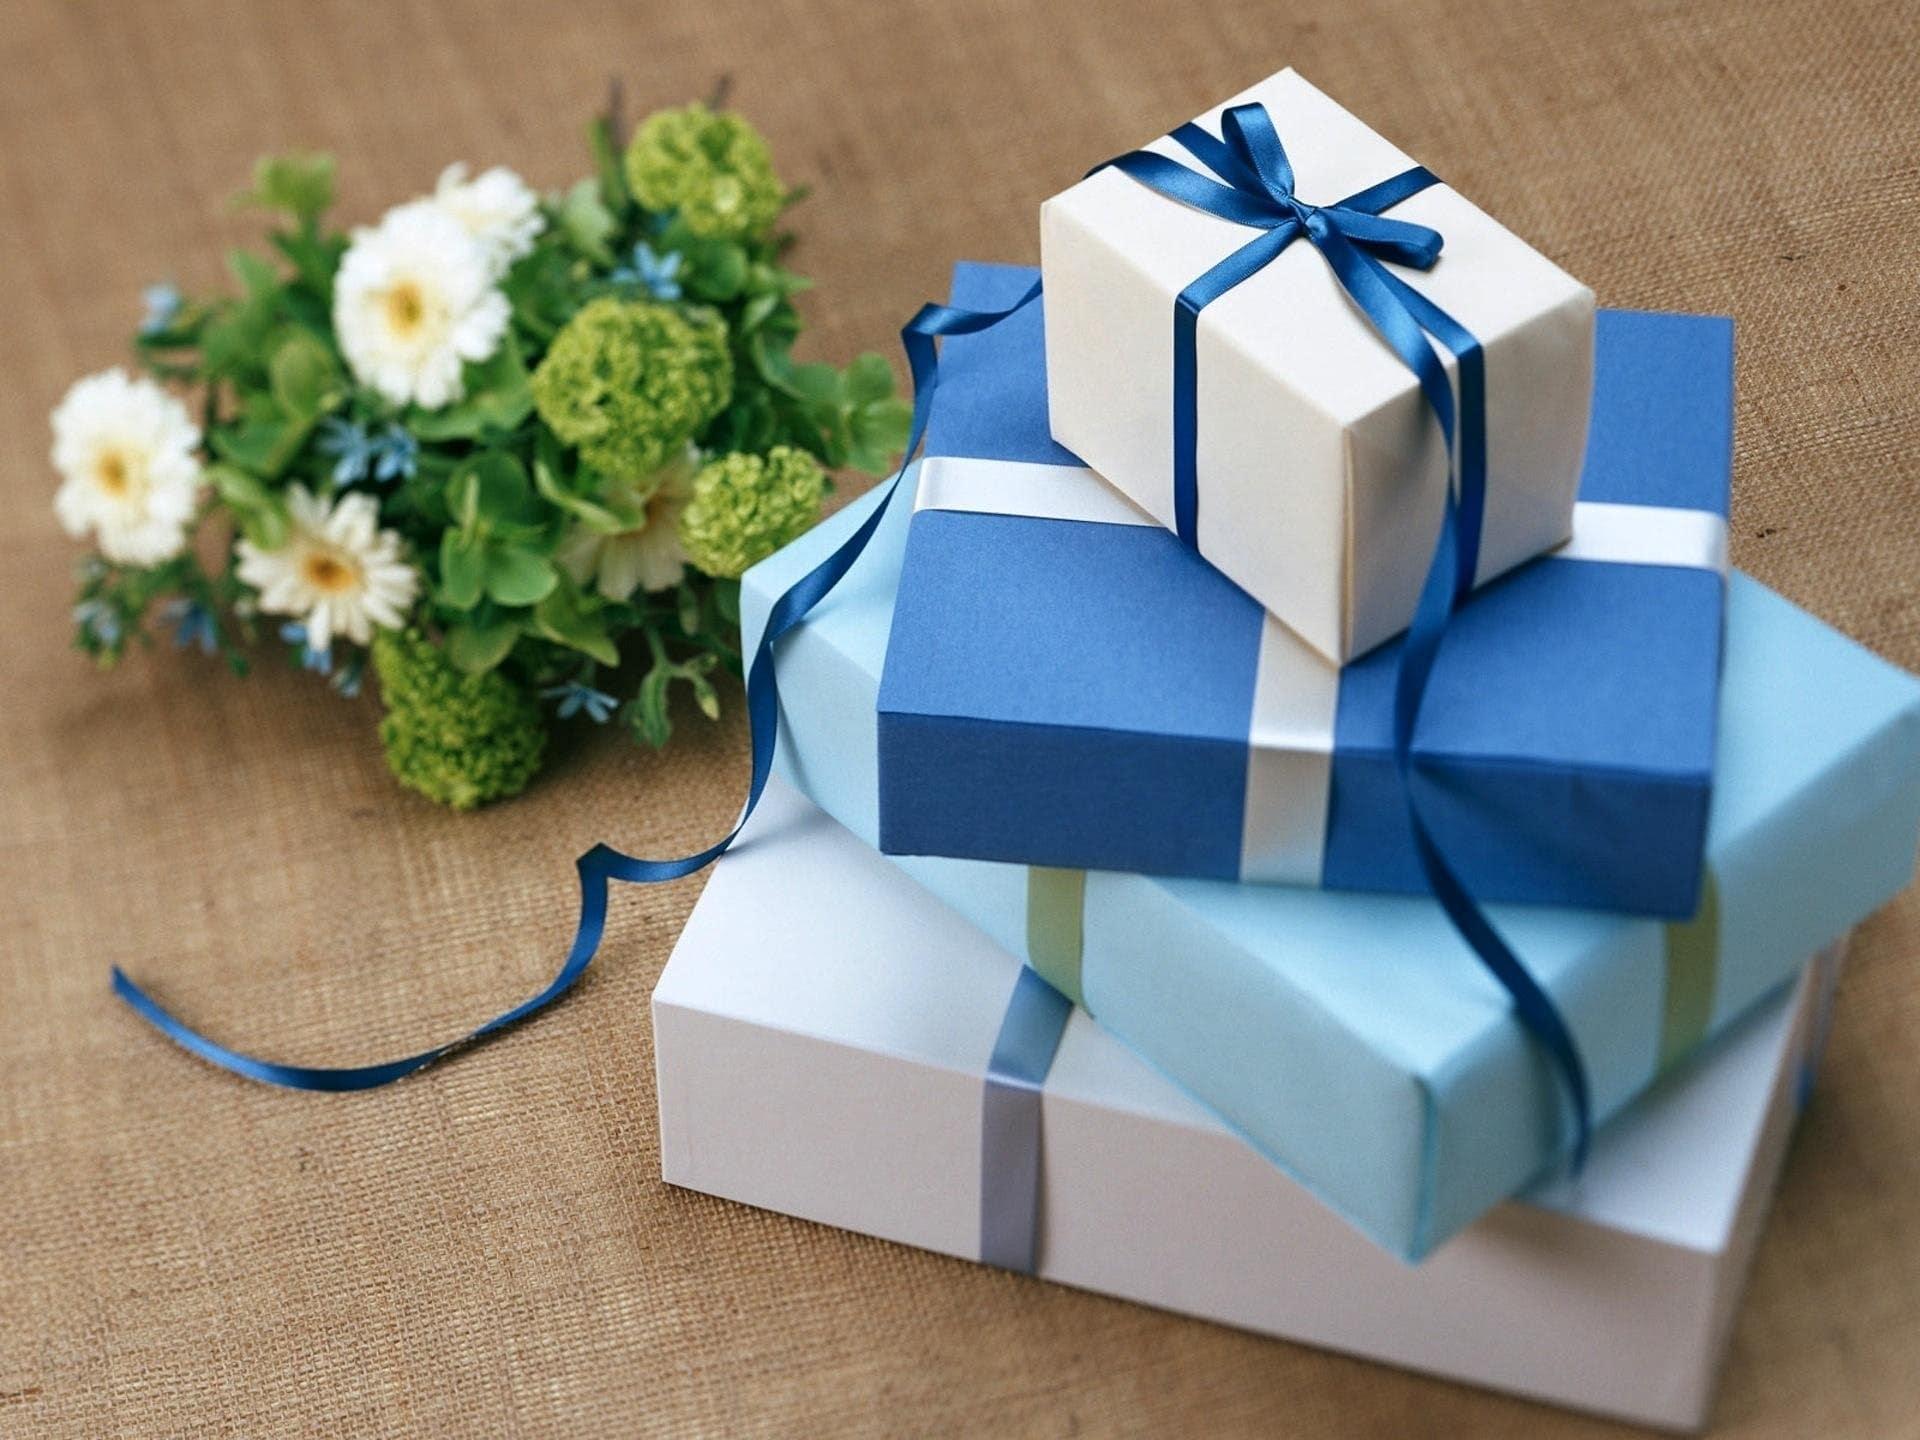 一 年 記念 日 プレゼント 【決定版】彼女にあげたい! おすすめの記念日プレゼント20選